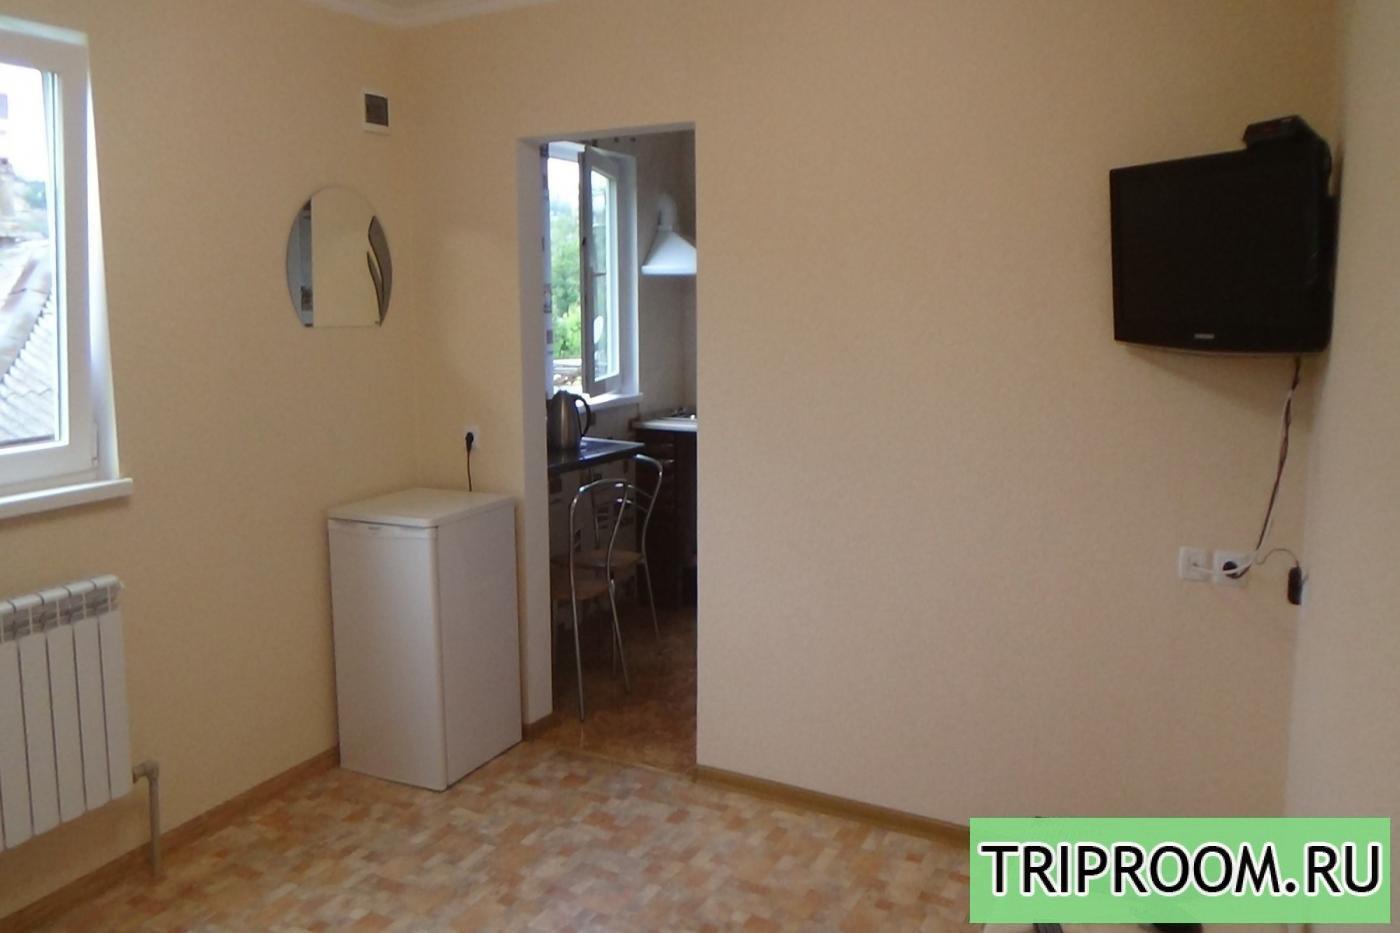 1-комнатная квартира посуточно (вариант № 1801), ул. Охотская улица, фото № 2